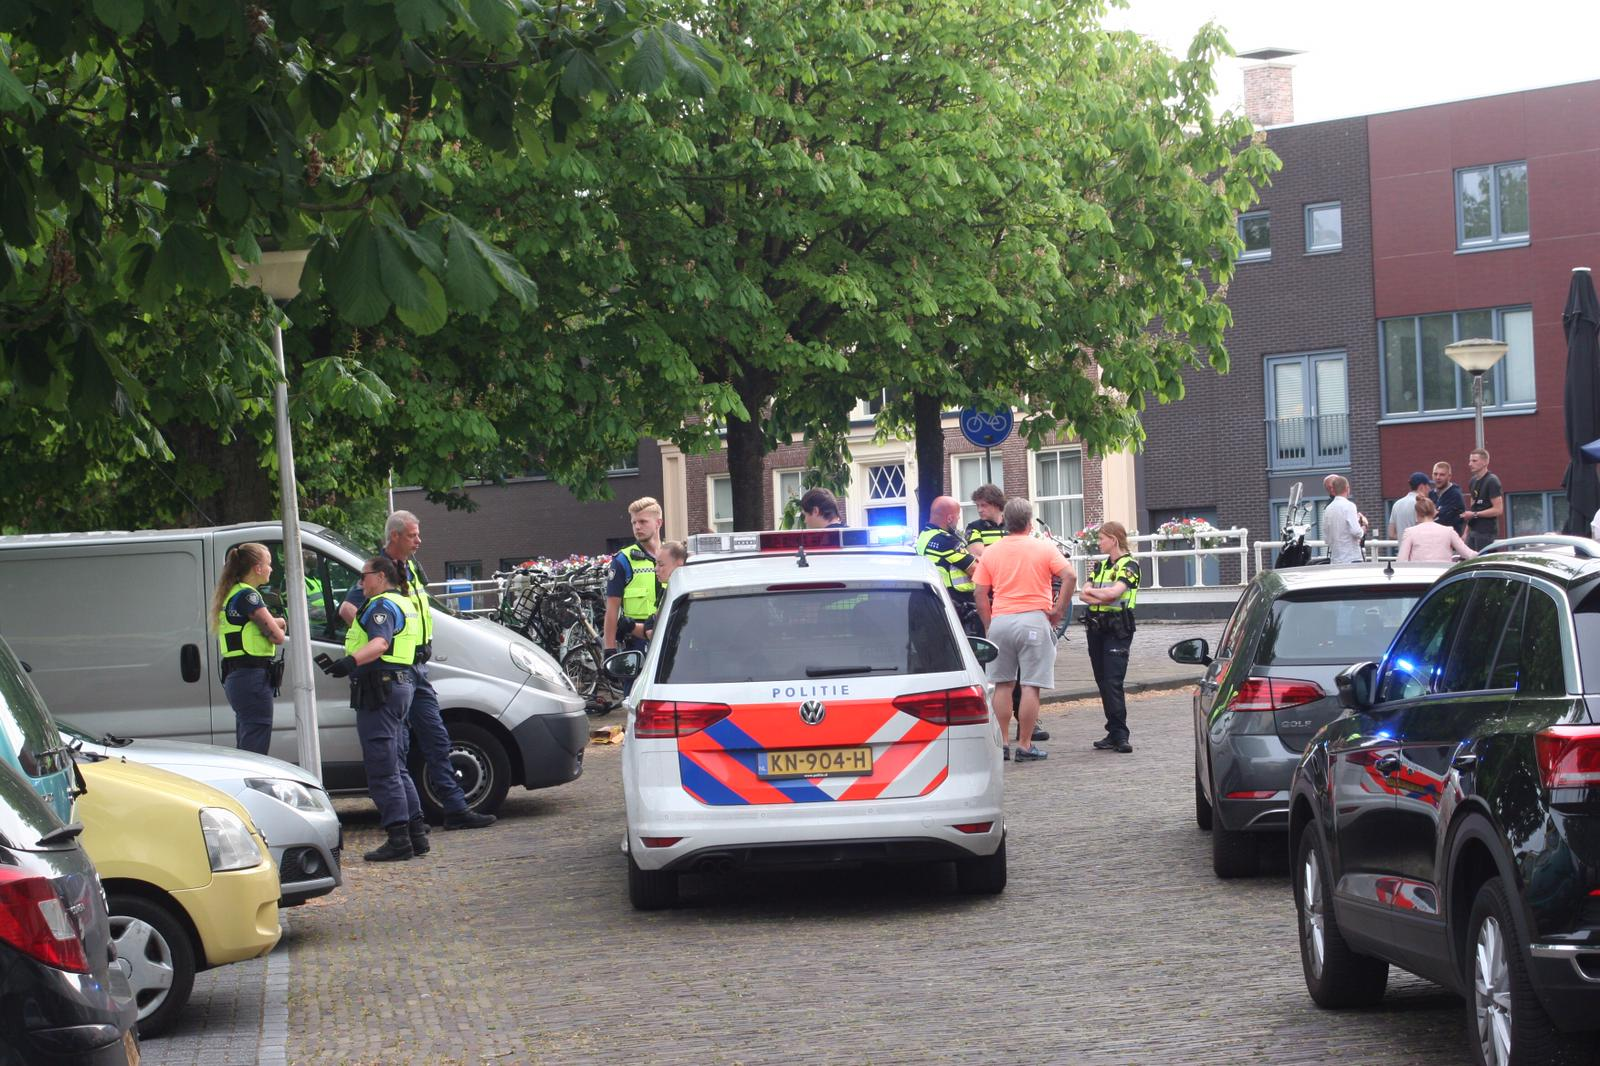 Meerdere eenheden van de politie ter plaatse bij Vechtpartij bij Cafe Blauwhuis aan de Hoekstersingel in Leeuwarden